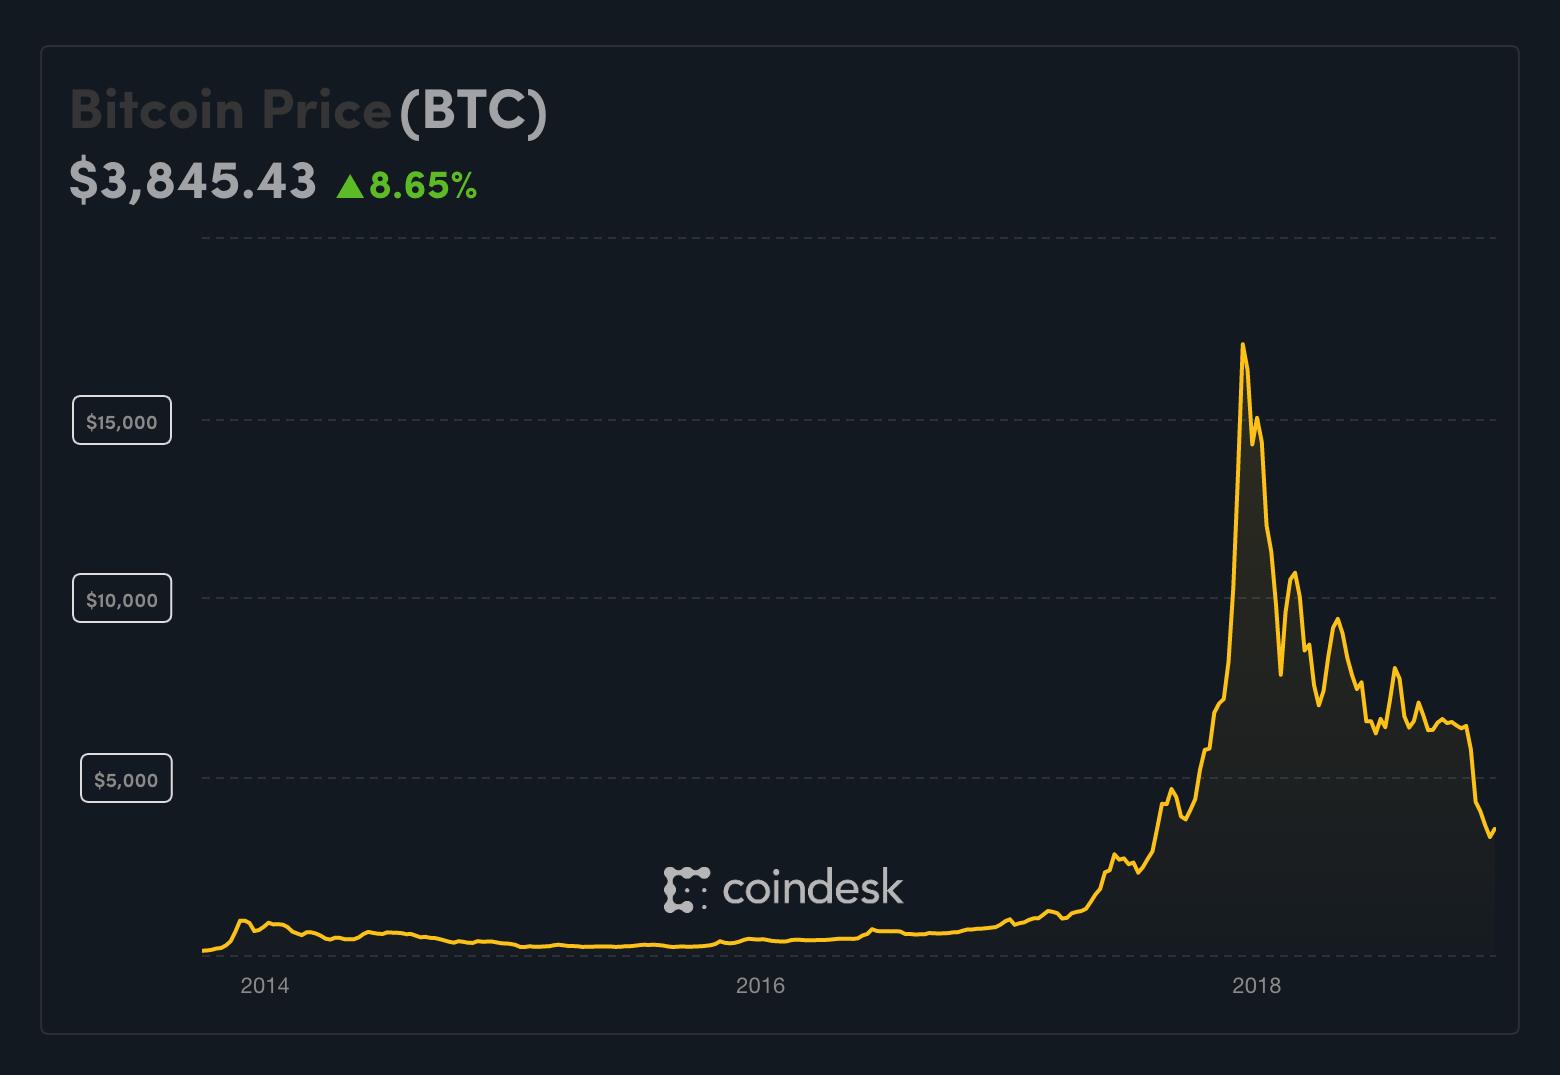 Coindesk bitcoin chart